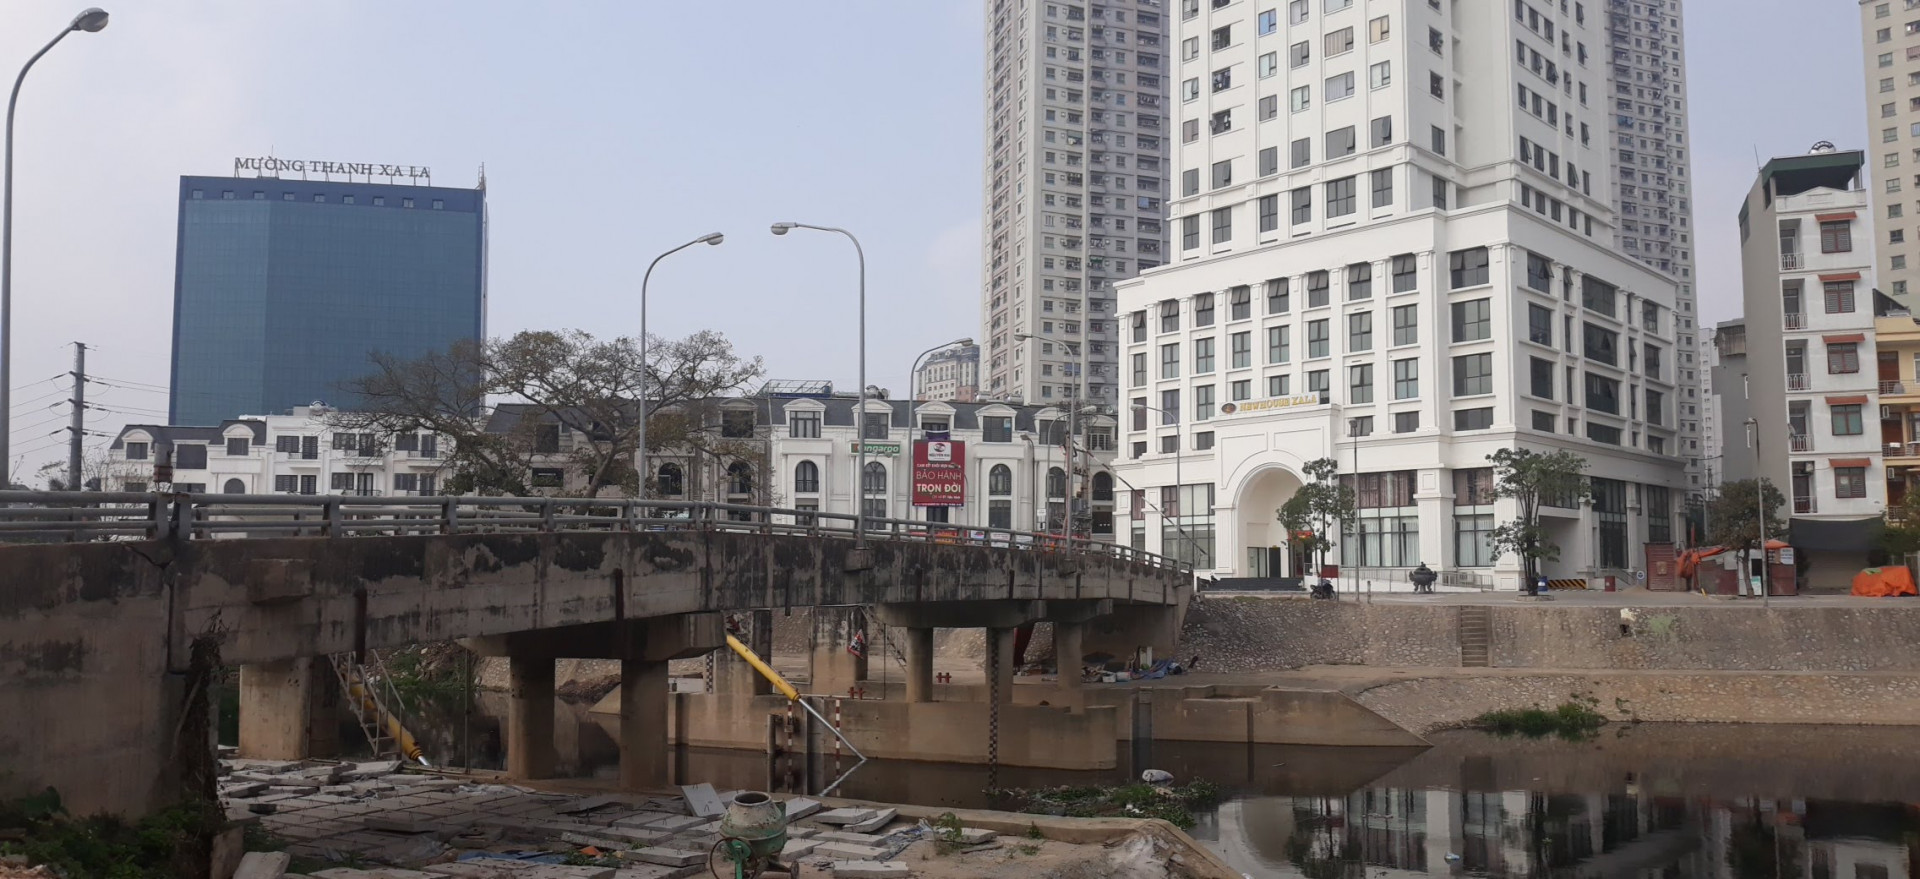 cho-thue-san-thuong-mai-van-phong-cong-ty-toa-nha-newhouse-xa-la-khu-do-thi-xa-la-lh-0972015918